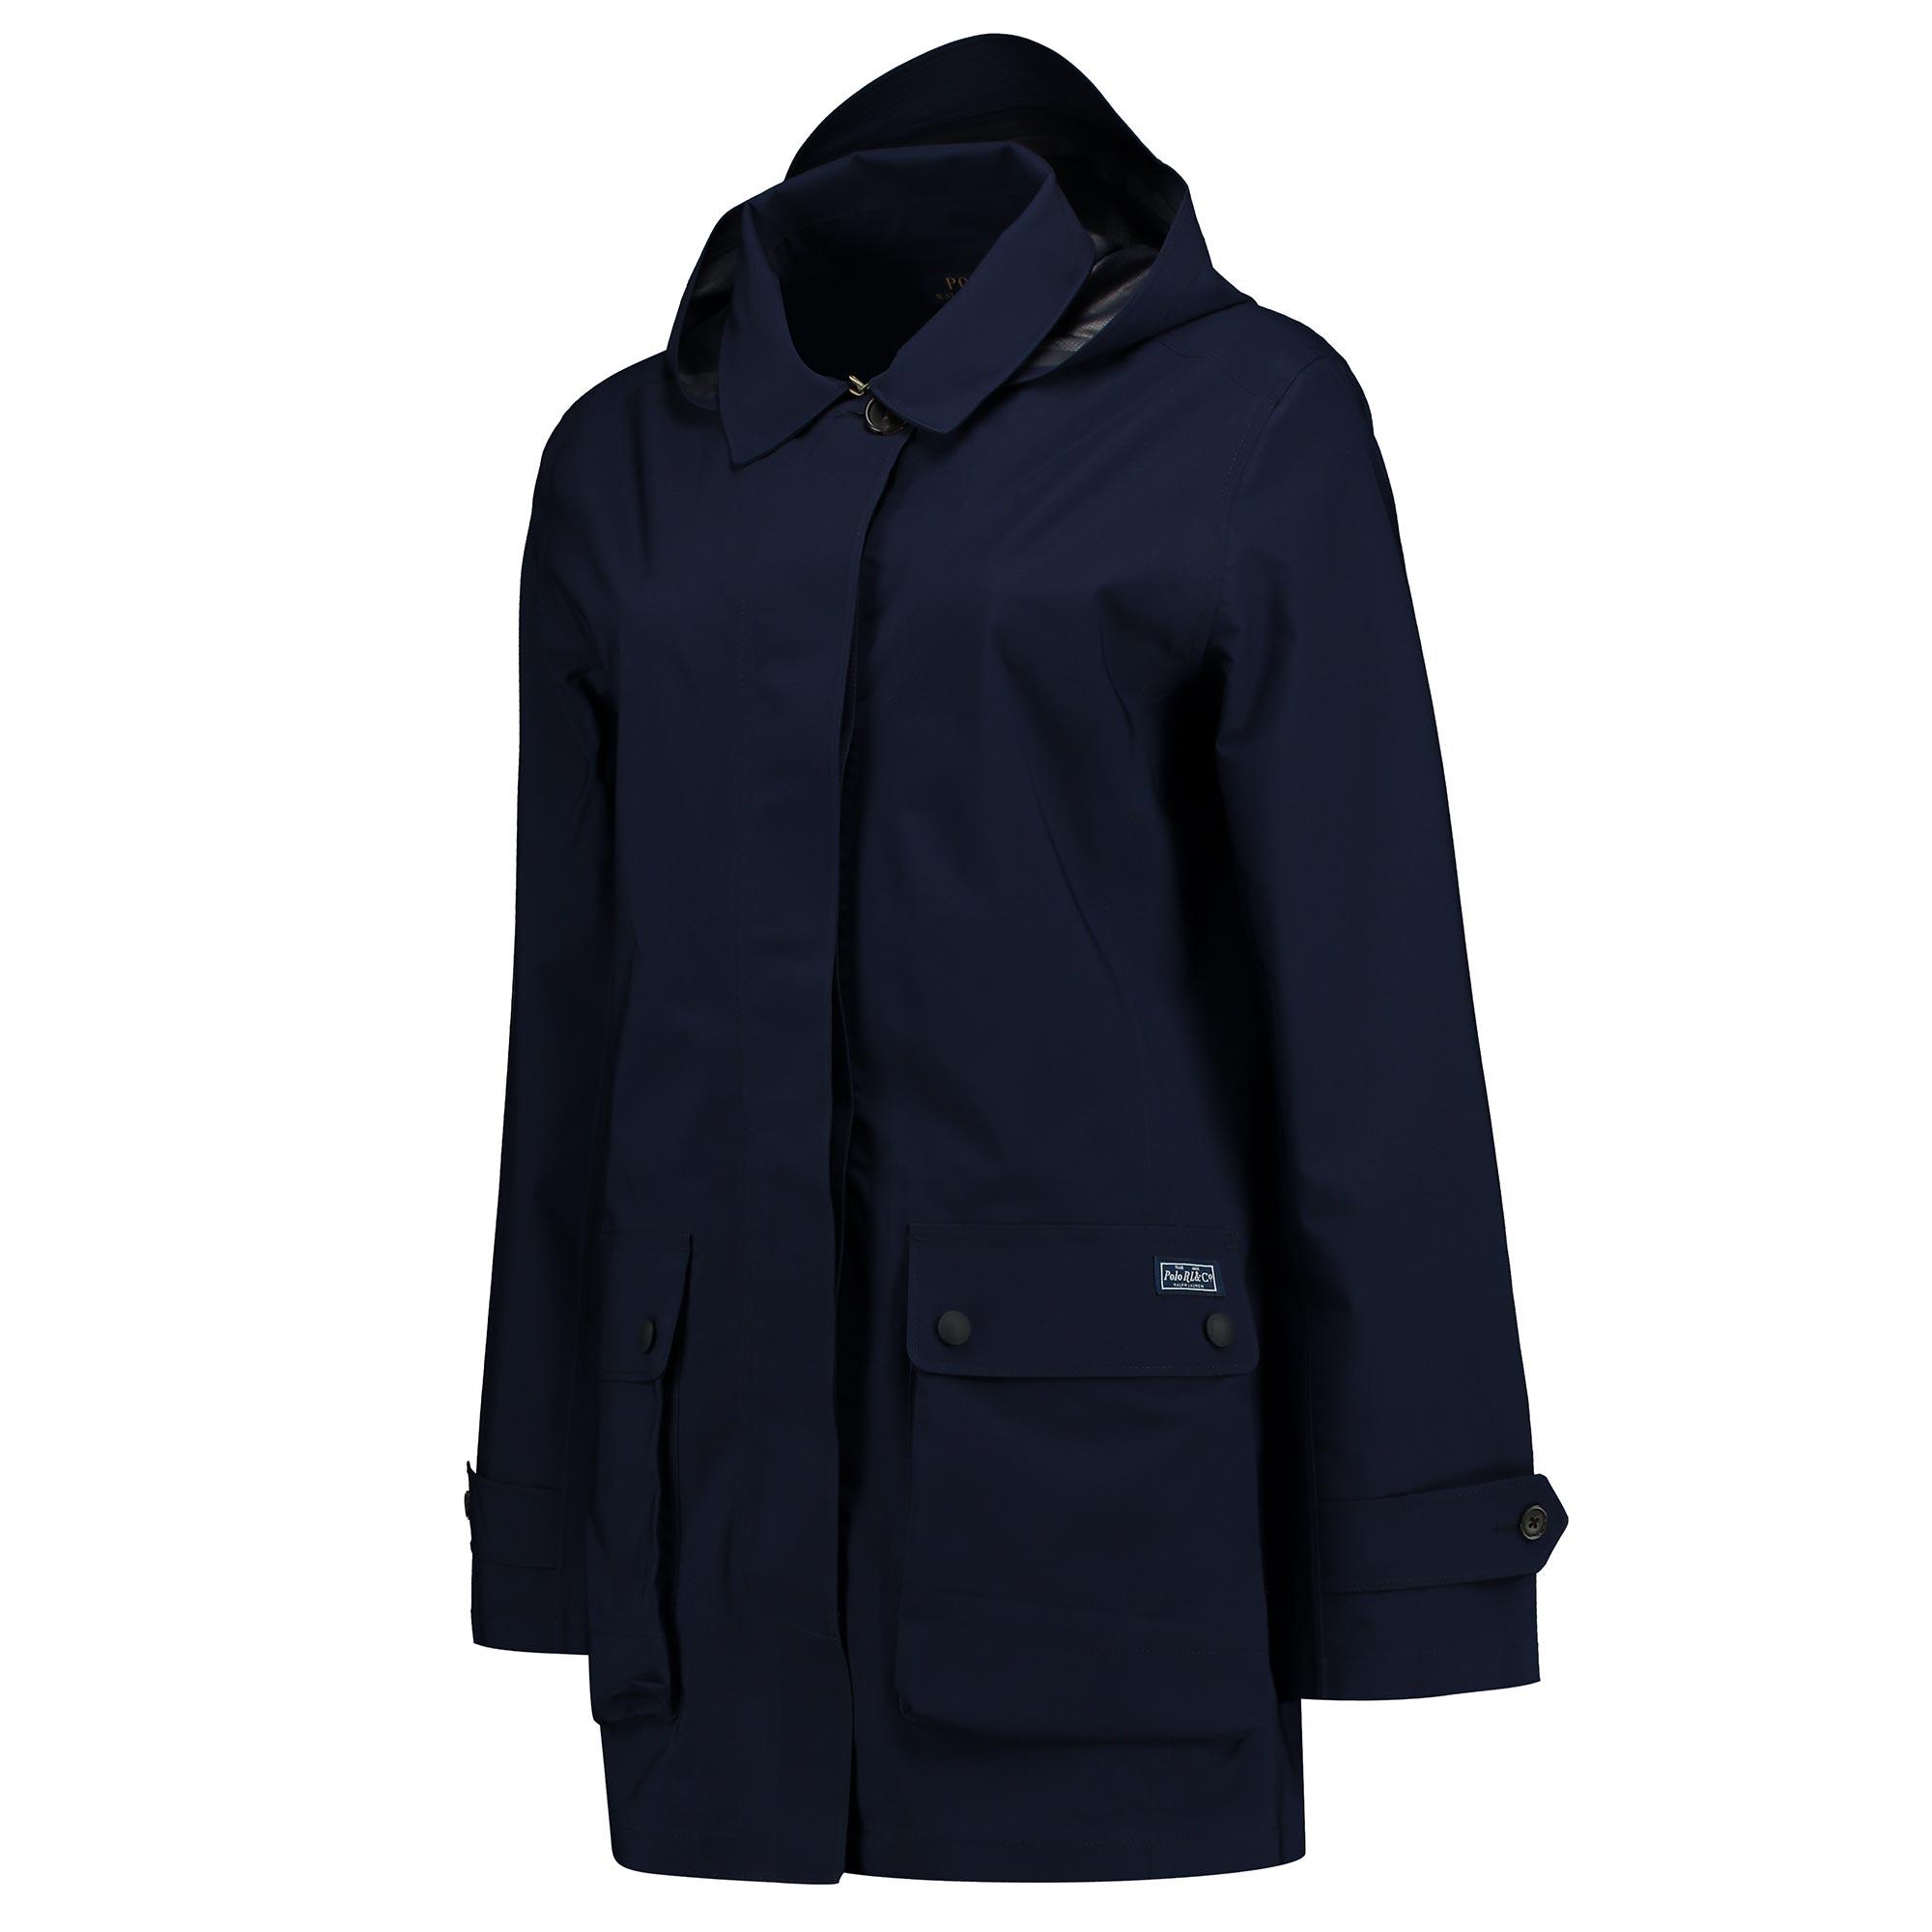 Wimbledon Ralph Lauren Rain Coat - French Navy - Ladies